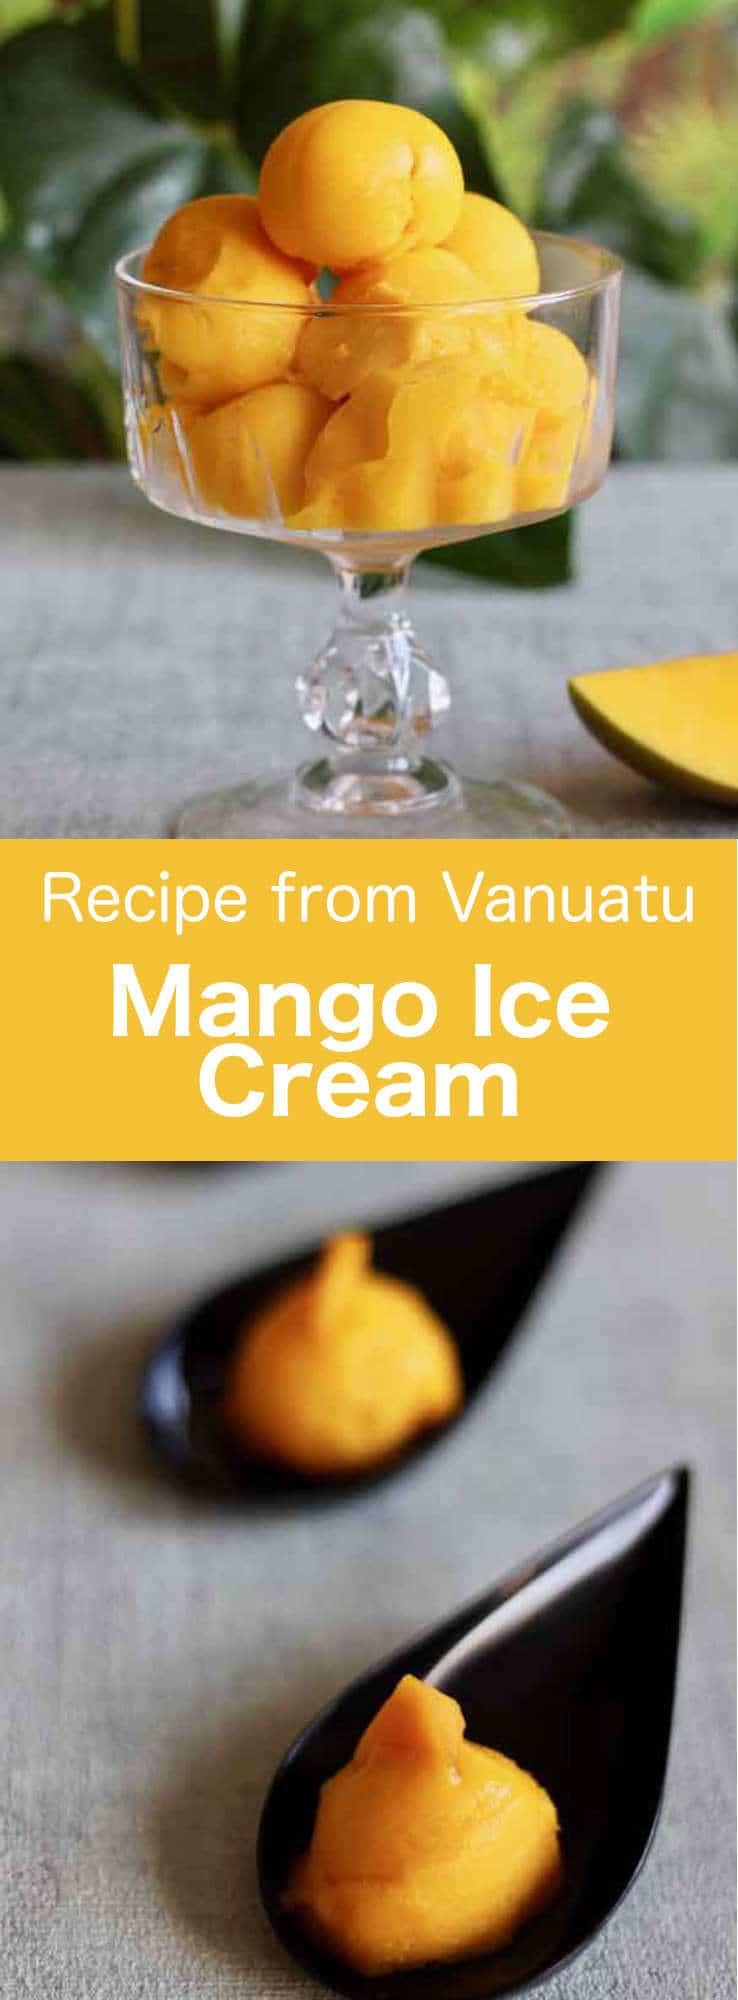 Delicious recipe of mango ice cream from Vanuatu, a Melanesian archipelago in the Pacific Ocean consisting of 83 islands. #vanuatu #pacific #196flavors